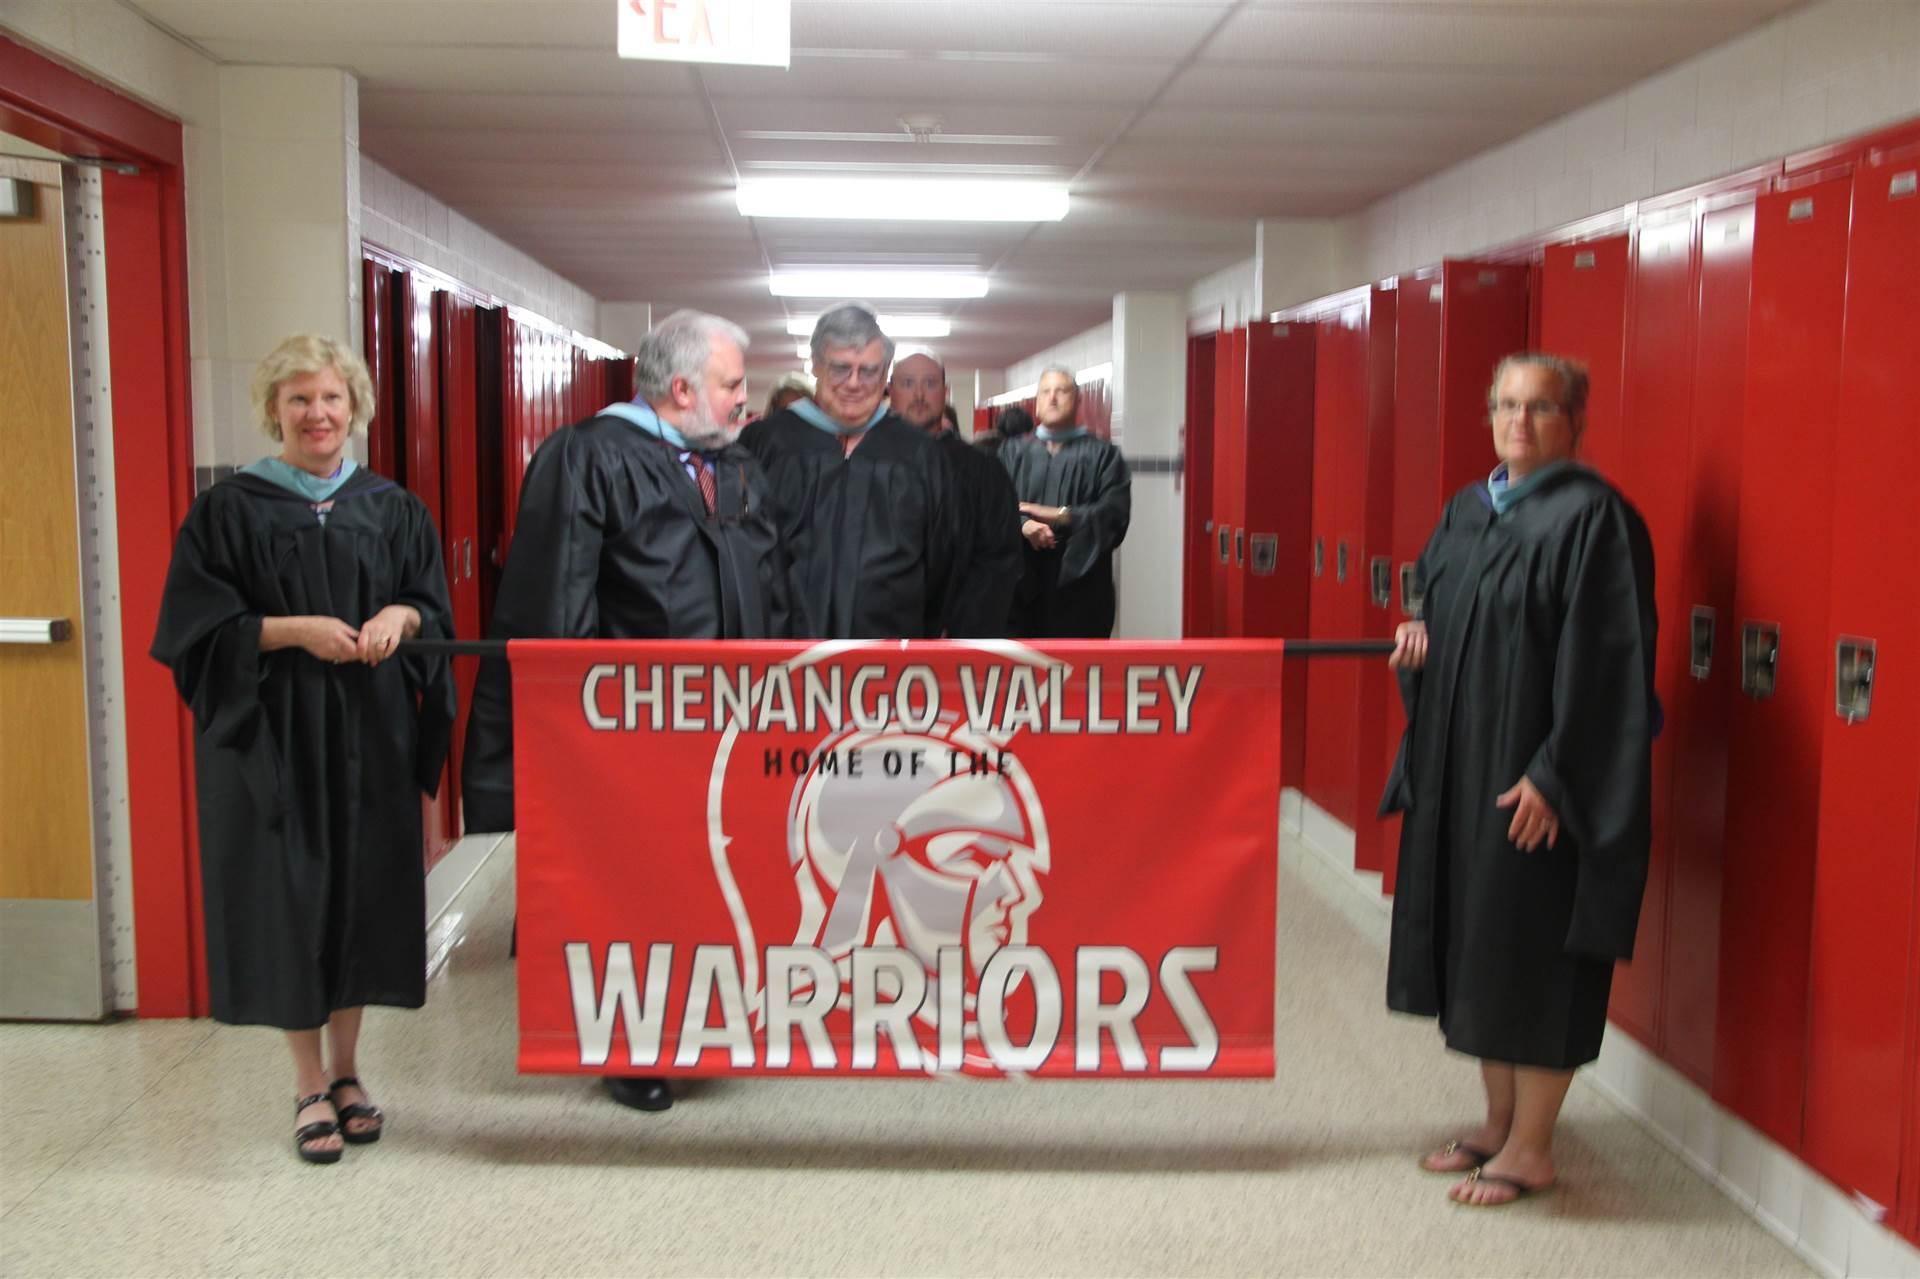 photo 16 from 2017 C V Graduation.